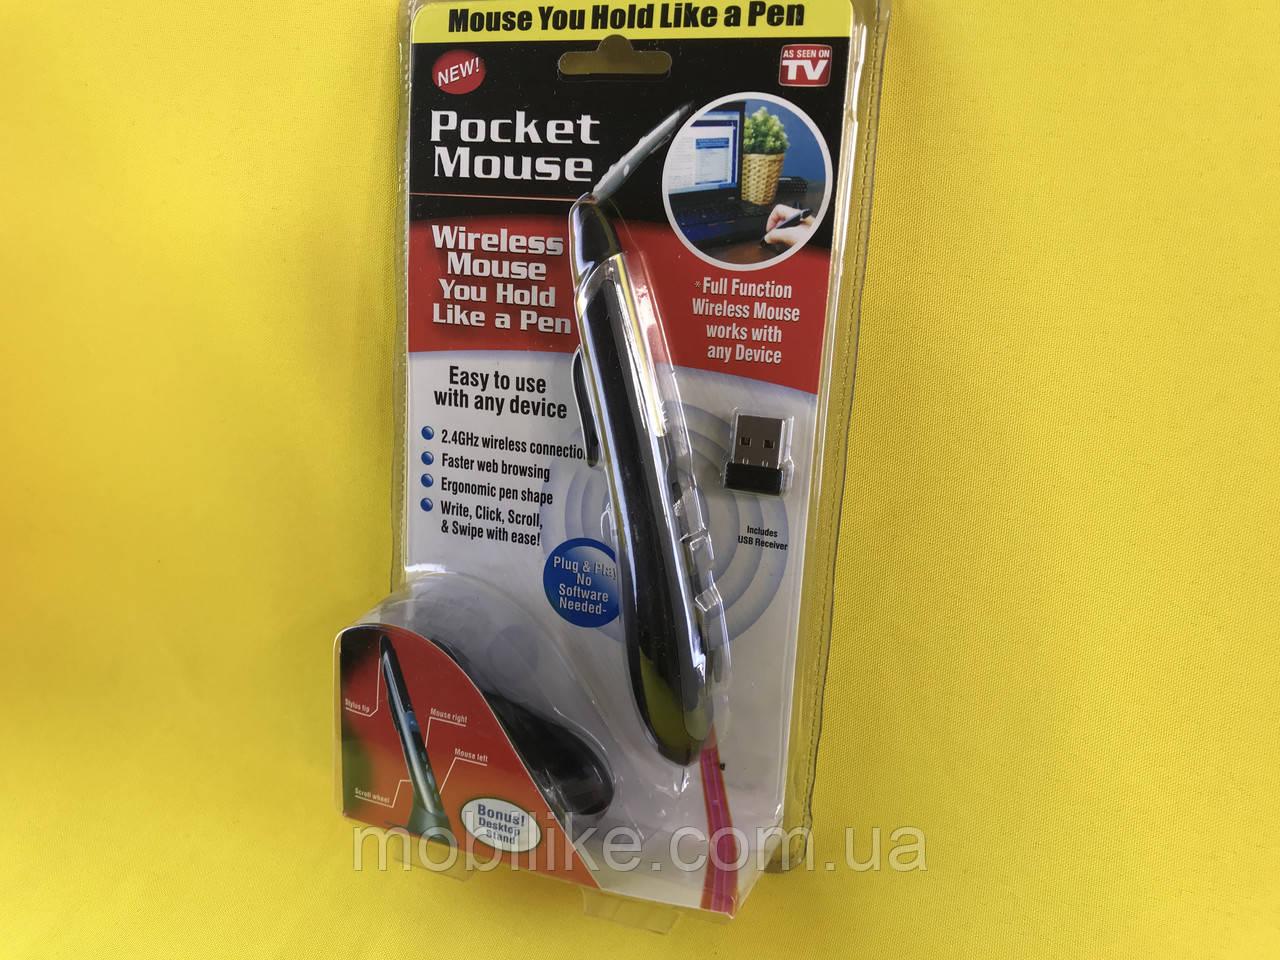 Стилус мышка Pocket Mouse